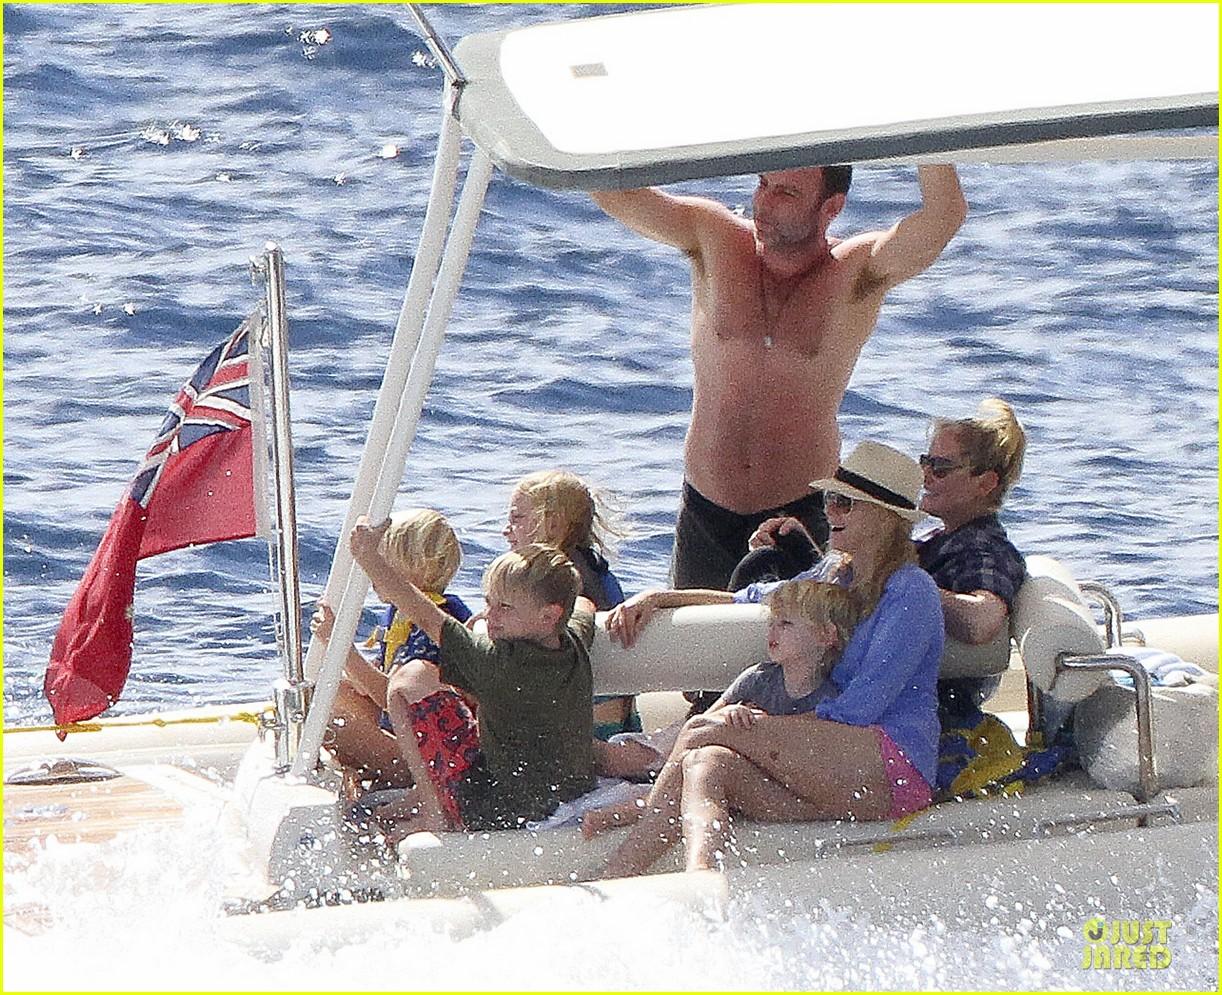 naomi watts boat ride with shirtless liev schreiber 072784024